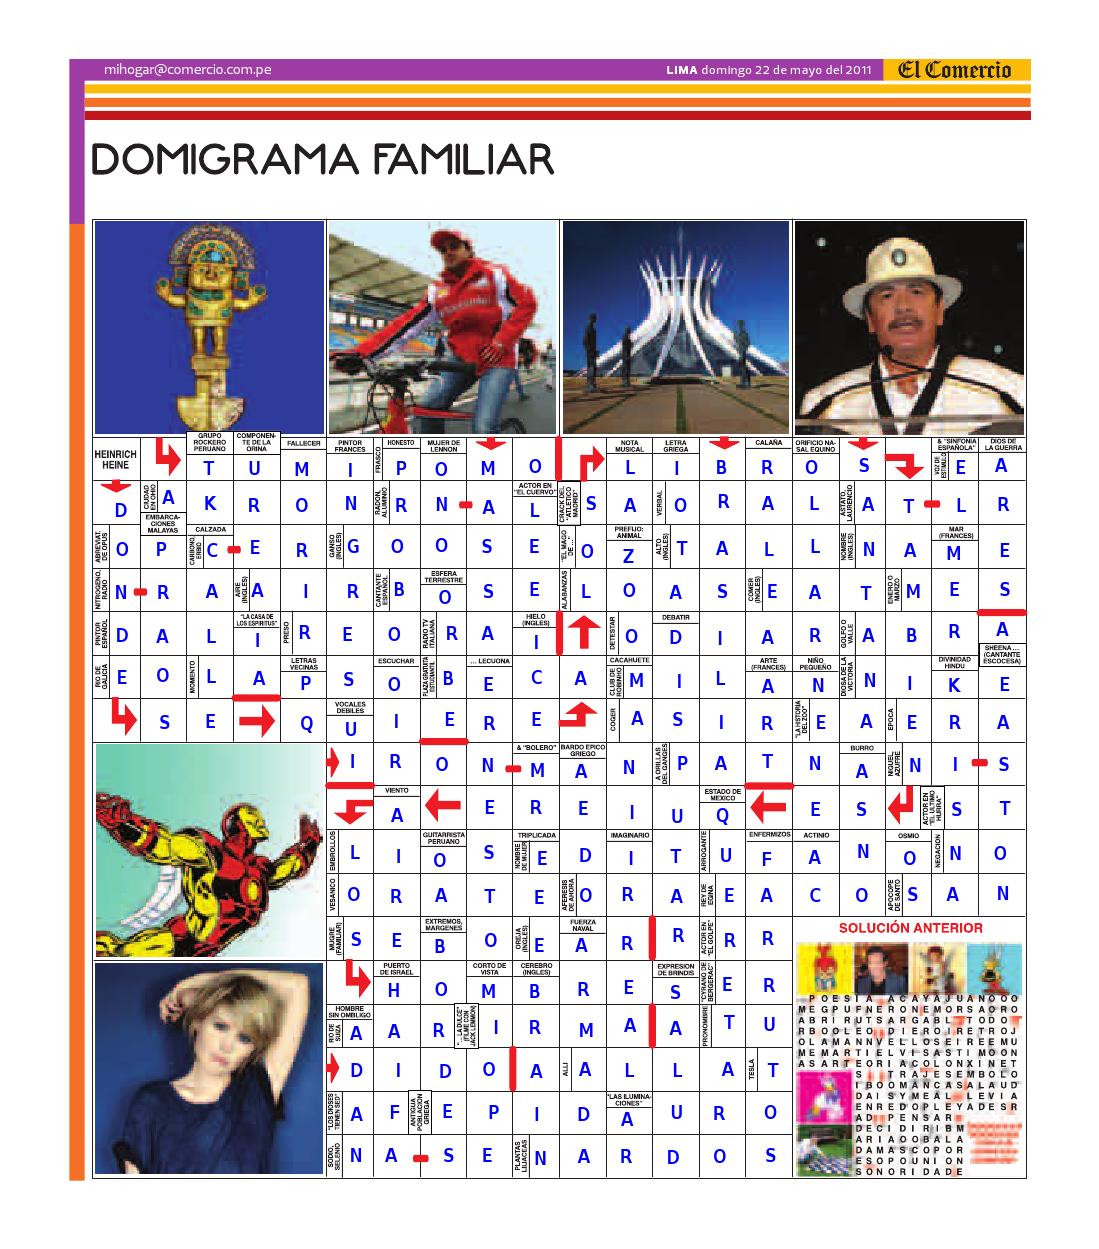 Solución del Dominigrama Familiar del domingo 22 de mayo del 2011